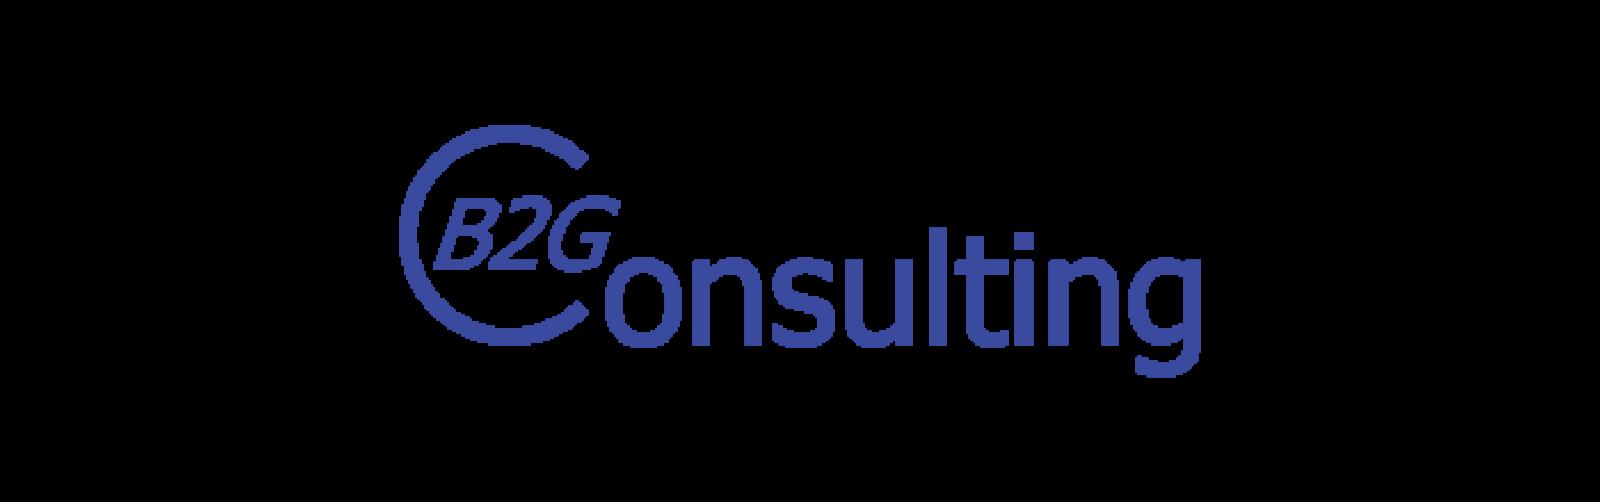 Юридические услуги юридическим лицам и индивидуальным предпринимателям от B2G Consulting - это профессиональная разработка договоров, разрешение корпоративных споров (в том числе путем досудебного урегулирования), это услуги по регистрации ООО и ИП